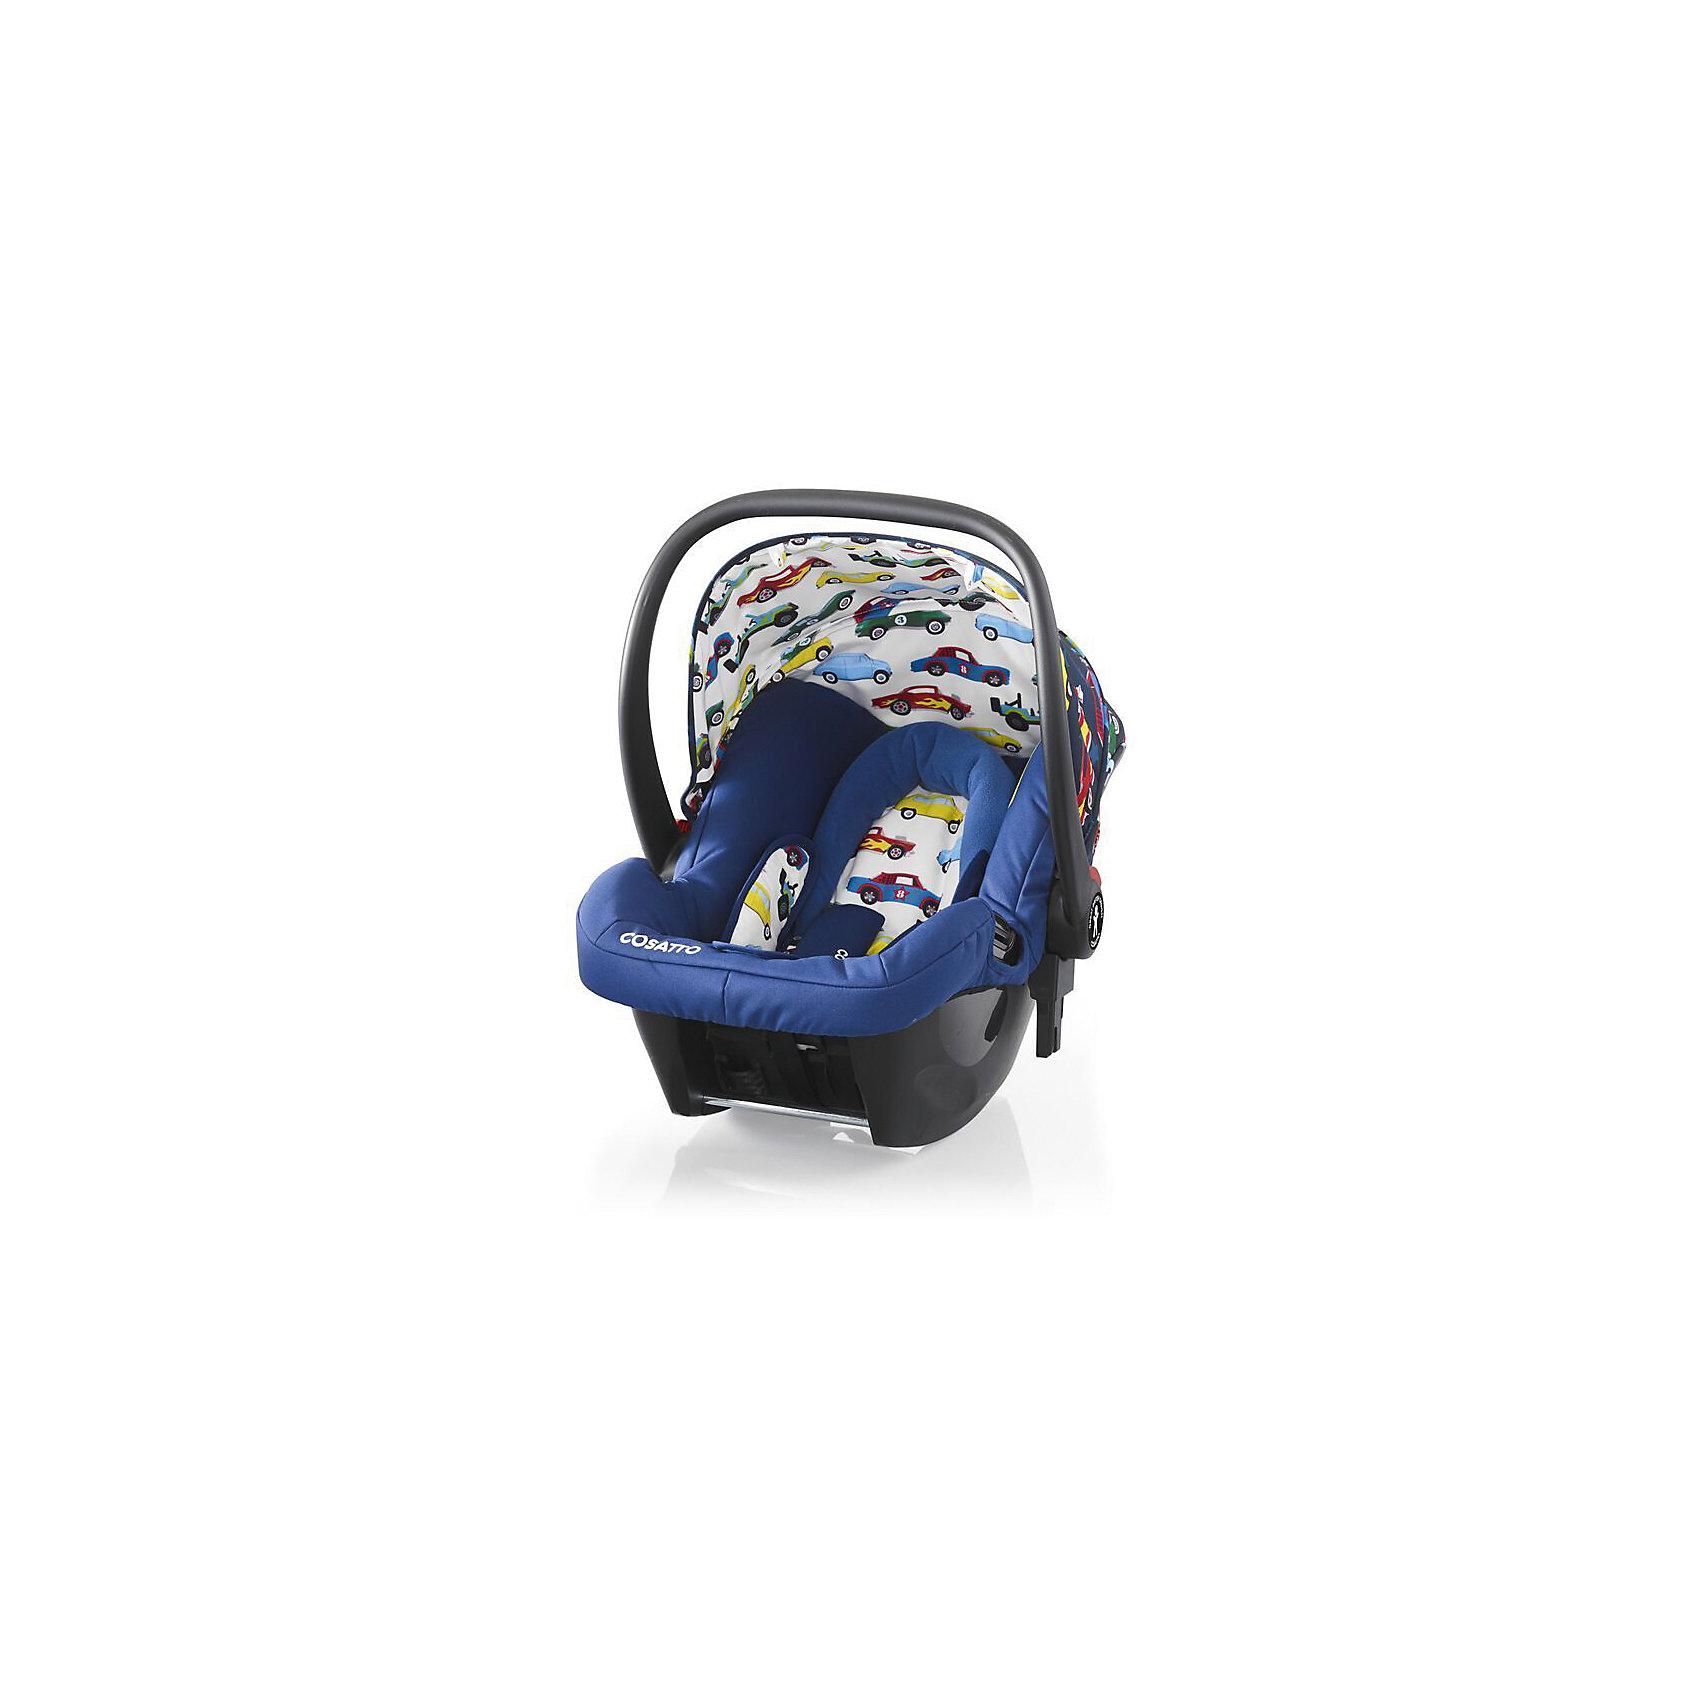 Автокресло Cosatto 0-13 кг, Hold, Rev UpГруппа 0+ (До 13 кг)<br>Характеристики автокресла Hold Cosatto:<br><br>• группа 0+;<br>• вес ребенка: до 13 кг;<br>• возраст ребенка: от рождения до 12 месяцев;<br>• способ установки: против хода движения автомобиля;<br>• способ крепления: штатными ремнями безопасности автомобиля;<br>• есть возможность установить автокресло на базу с системой крепления Isofix - база приобретается отдельно;<br>• 5-ти точечные ремни безопасности с мягкими накладками;<br>• регулируемый защитный капор;<br>• анатомический вкладыш для новорожденного;<br>• в комплекте с автокреслом идет дождевик;<br>• пластиковая ручка, автолюлька используется как переноска, положение ручки меняется;<br>• автокресло можно использовать как кресло-качалку;<br>• чтобы зафиксировать кресло, необходимо изменить положение ручки и создать упор в пол;<br>• съемные чехлы, стирка при температуре 30 градусов;<br>• материал: пластик, полиэстер;<br>• стандарт безопасности: ЕСЕ R44/03.<br><br>Размер автокресла, ДхШхВ: 70х44х60 см<br>Вес автокресла: 4,2 кг<br><br>Автокресло Hold Cosatto устанавливается как против хода движения автомобиля на заднем сиденье. Глубокая чаша просторная, малышу удобно находится в кресле даже в теплом комбинезоне. Анатомический вкладыш с подголовником снимается. Автокресло соответствует европейским стандартам безопасности. Авктокресло можно установить на раму коляски Cosatto. Адаптеры для установки автокресла на шасси коляски входят в комплект.<br><br>Автокресло 0-13 кг., HOLD, COSATTO, Rev Up можно купить в нашем интернет-магазине.<br><br>Ширина мм: 740<br>Глубина мм: 440<br>Высота мм: 380<br>Вес г: 6000<br>Возраст от месяцев: 0<br>Возраст до месяцев: 12<br>Пол: Мужской<br>Возраст: Детский<br>SKU: 5362944